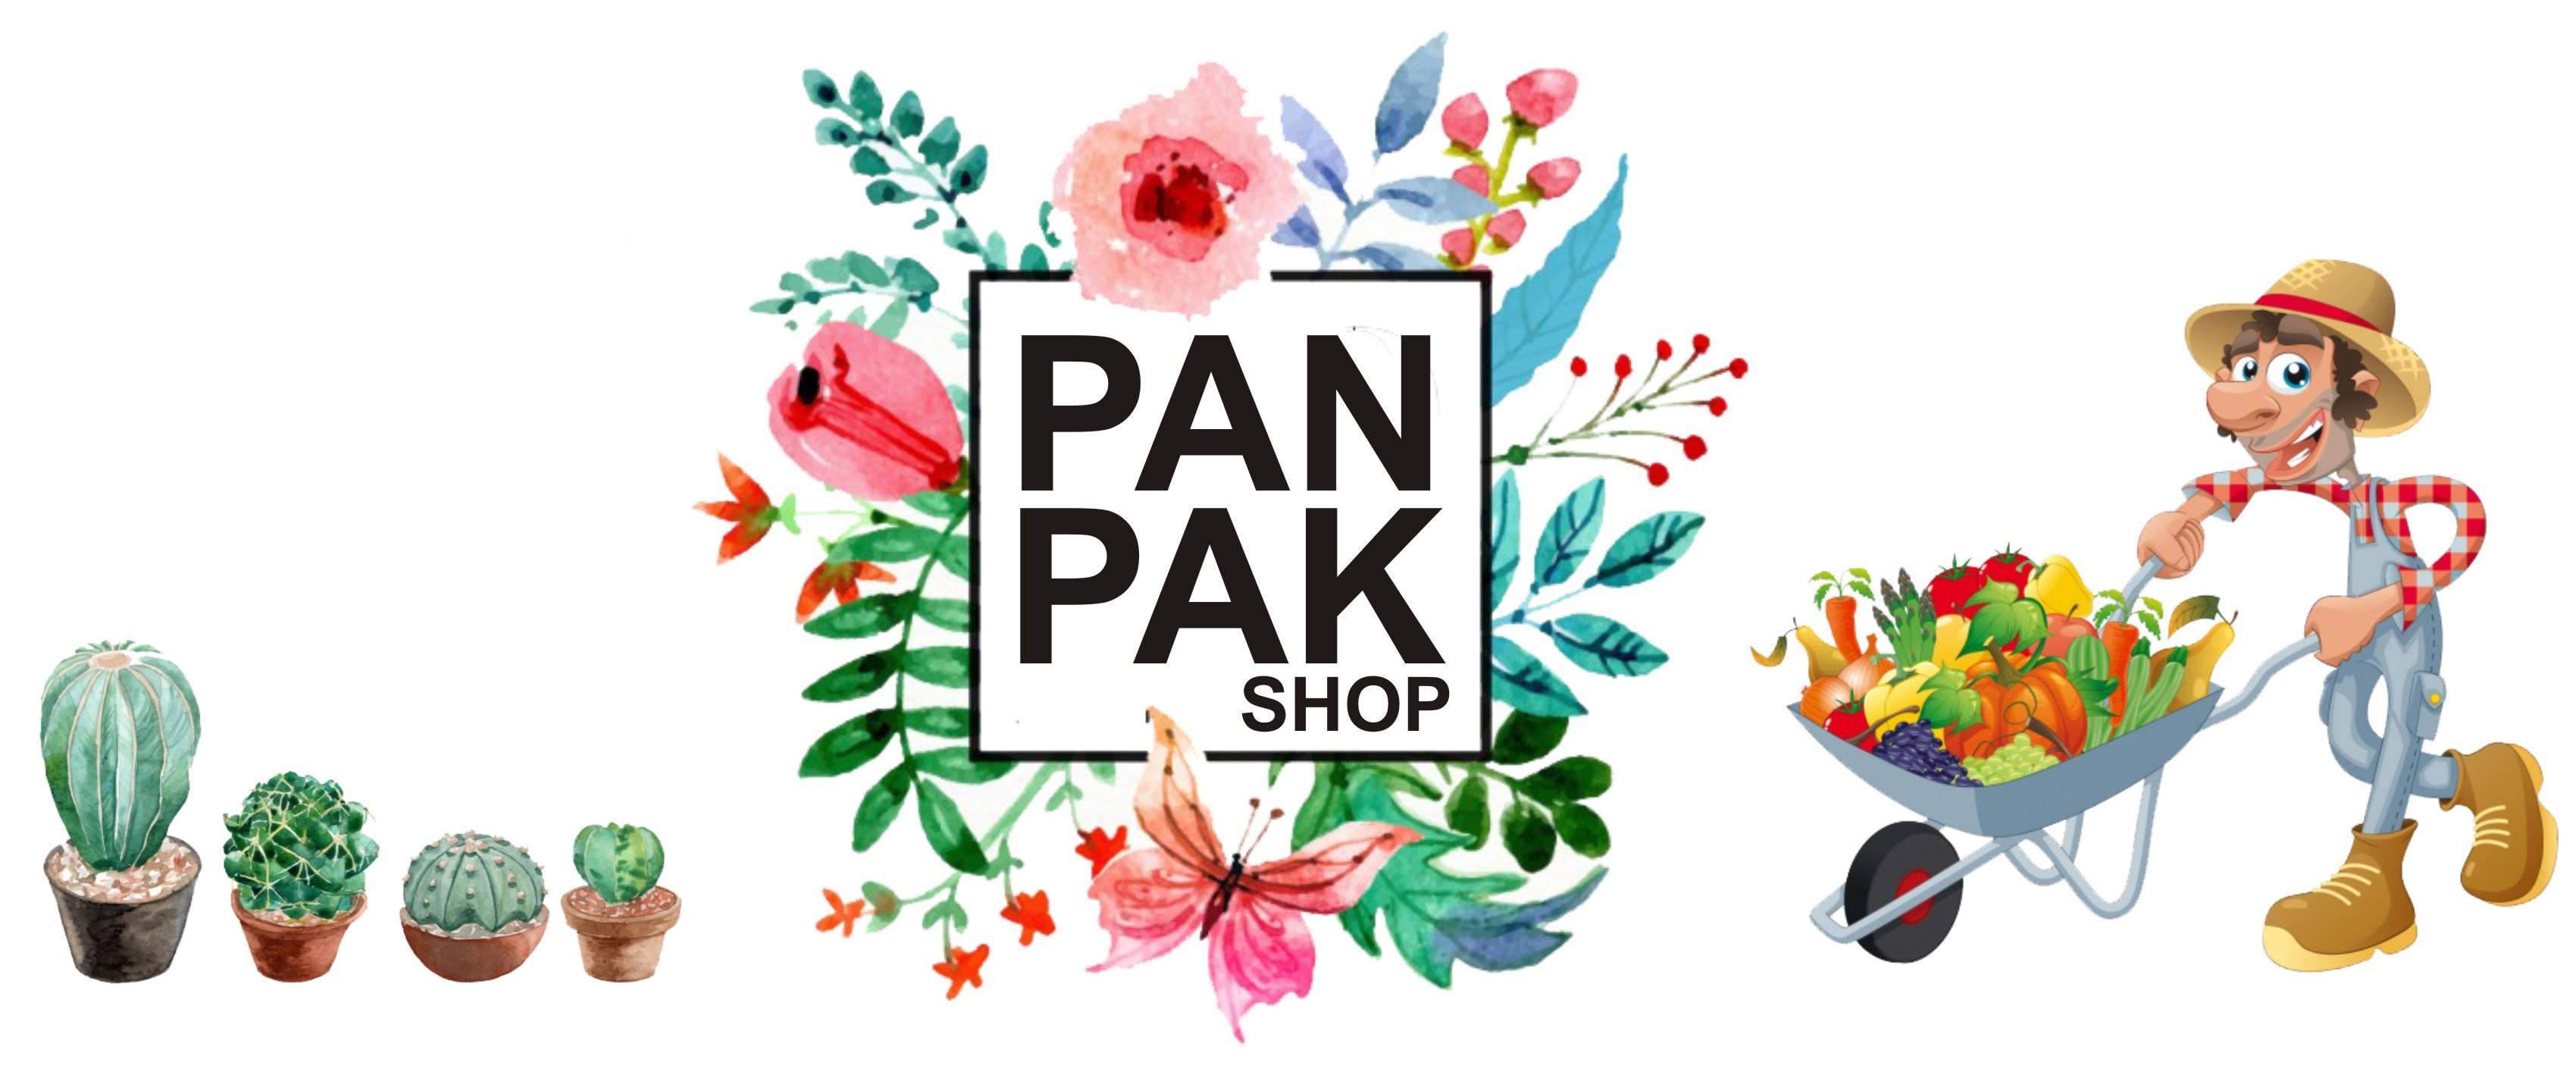 PANPAKSHOP SEED & PLANT